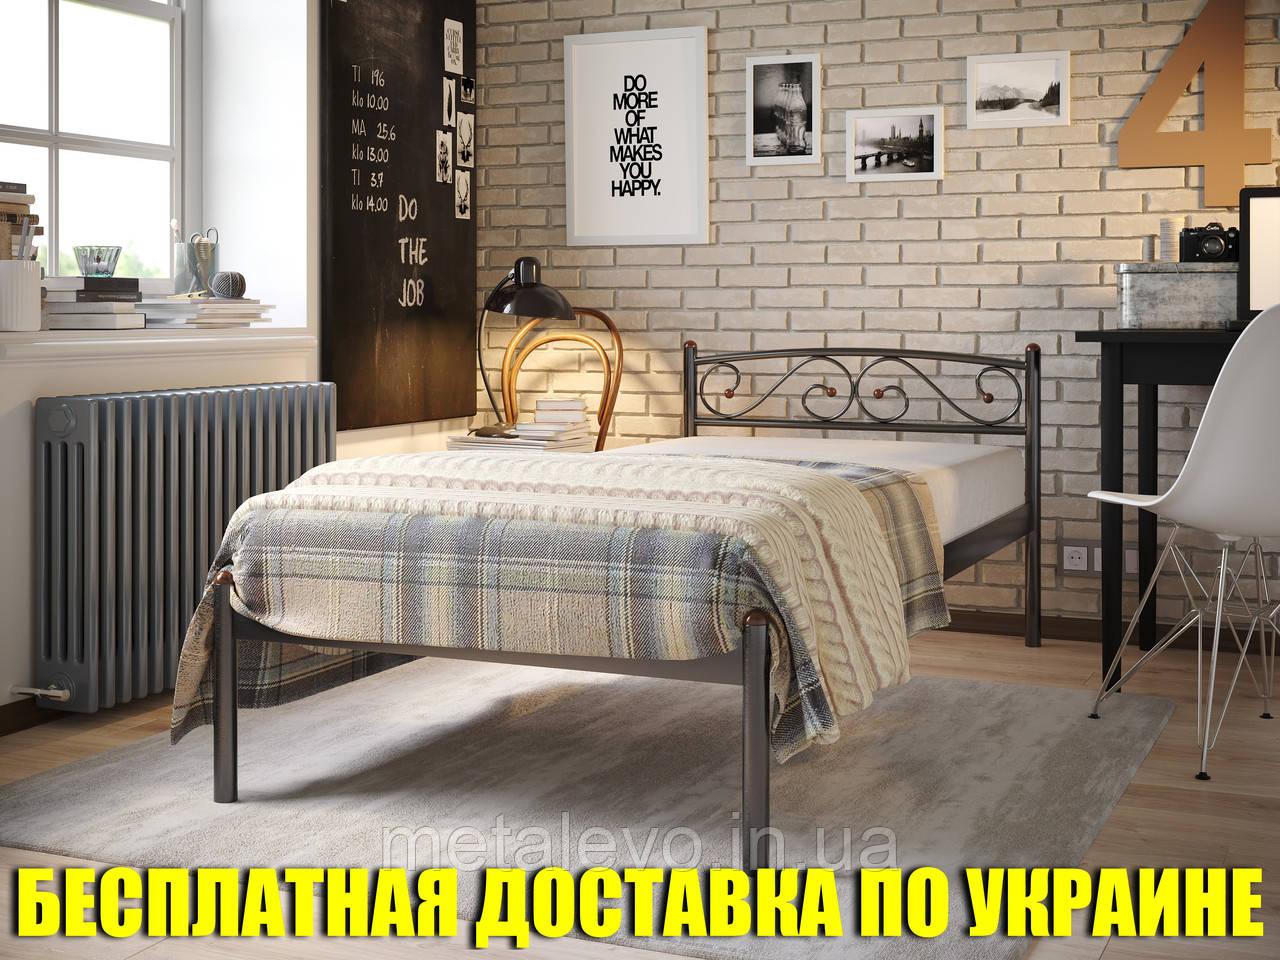 Односпальная металлическая кровать ВЕРОНА-1 (VERONA-1)